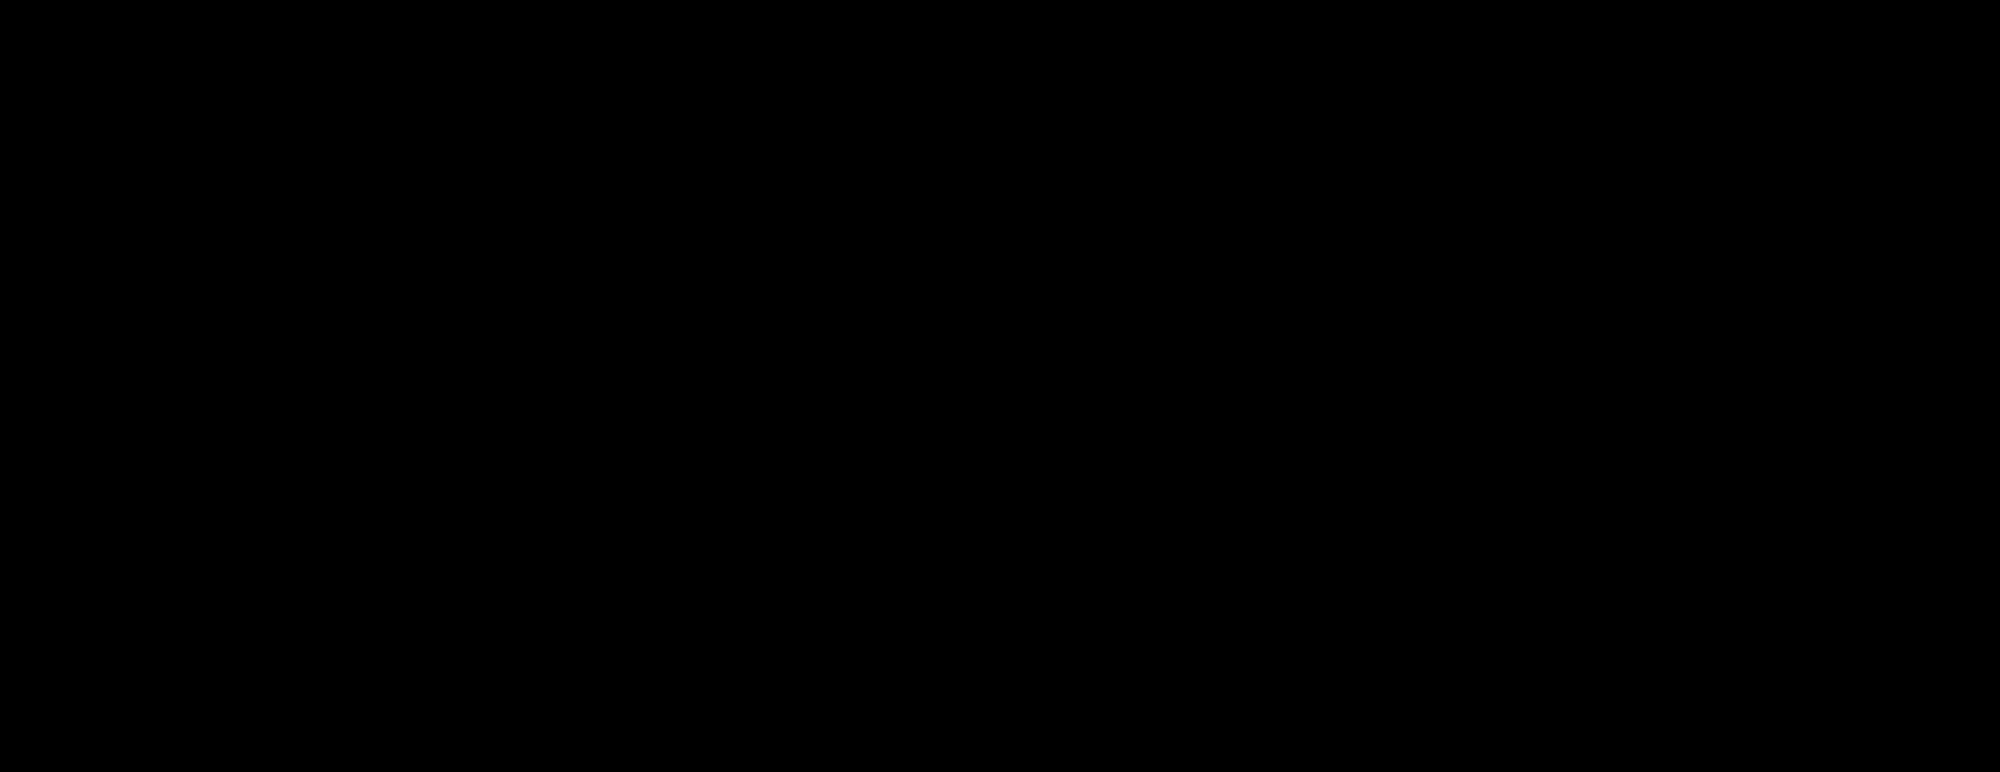 File:Acipenser sturio Linnaeus 1758 Rueckenschilder Fig 108a.